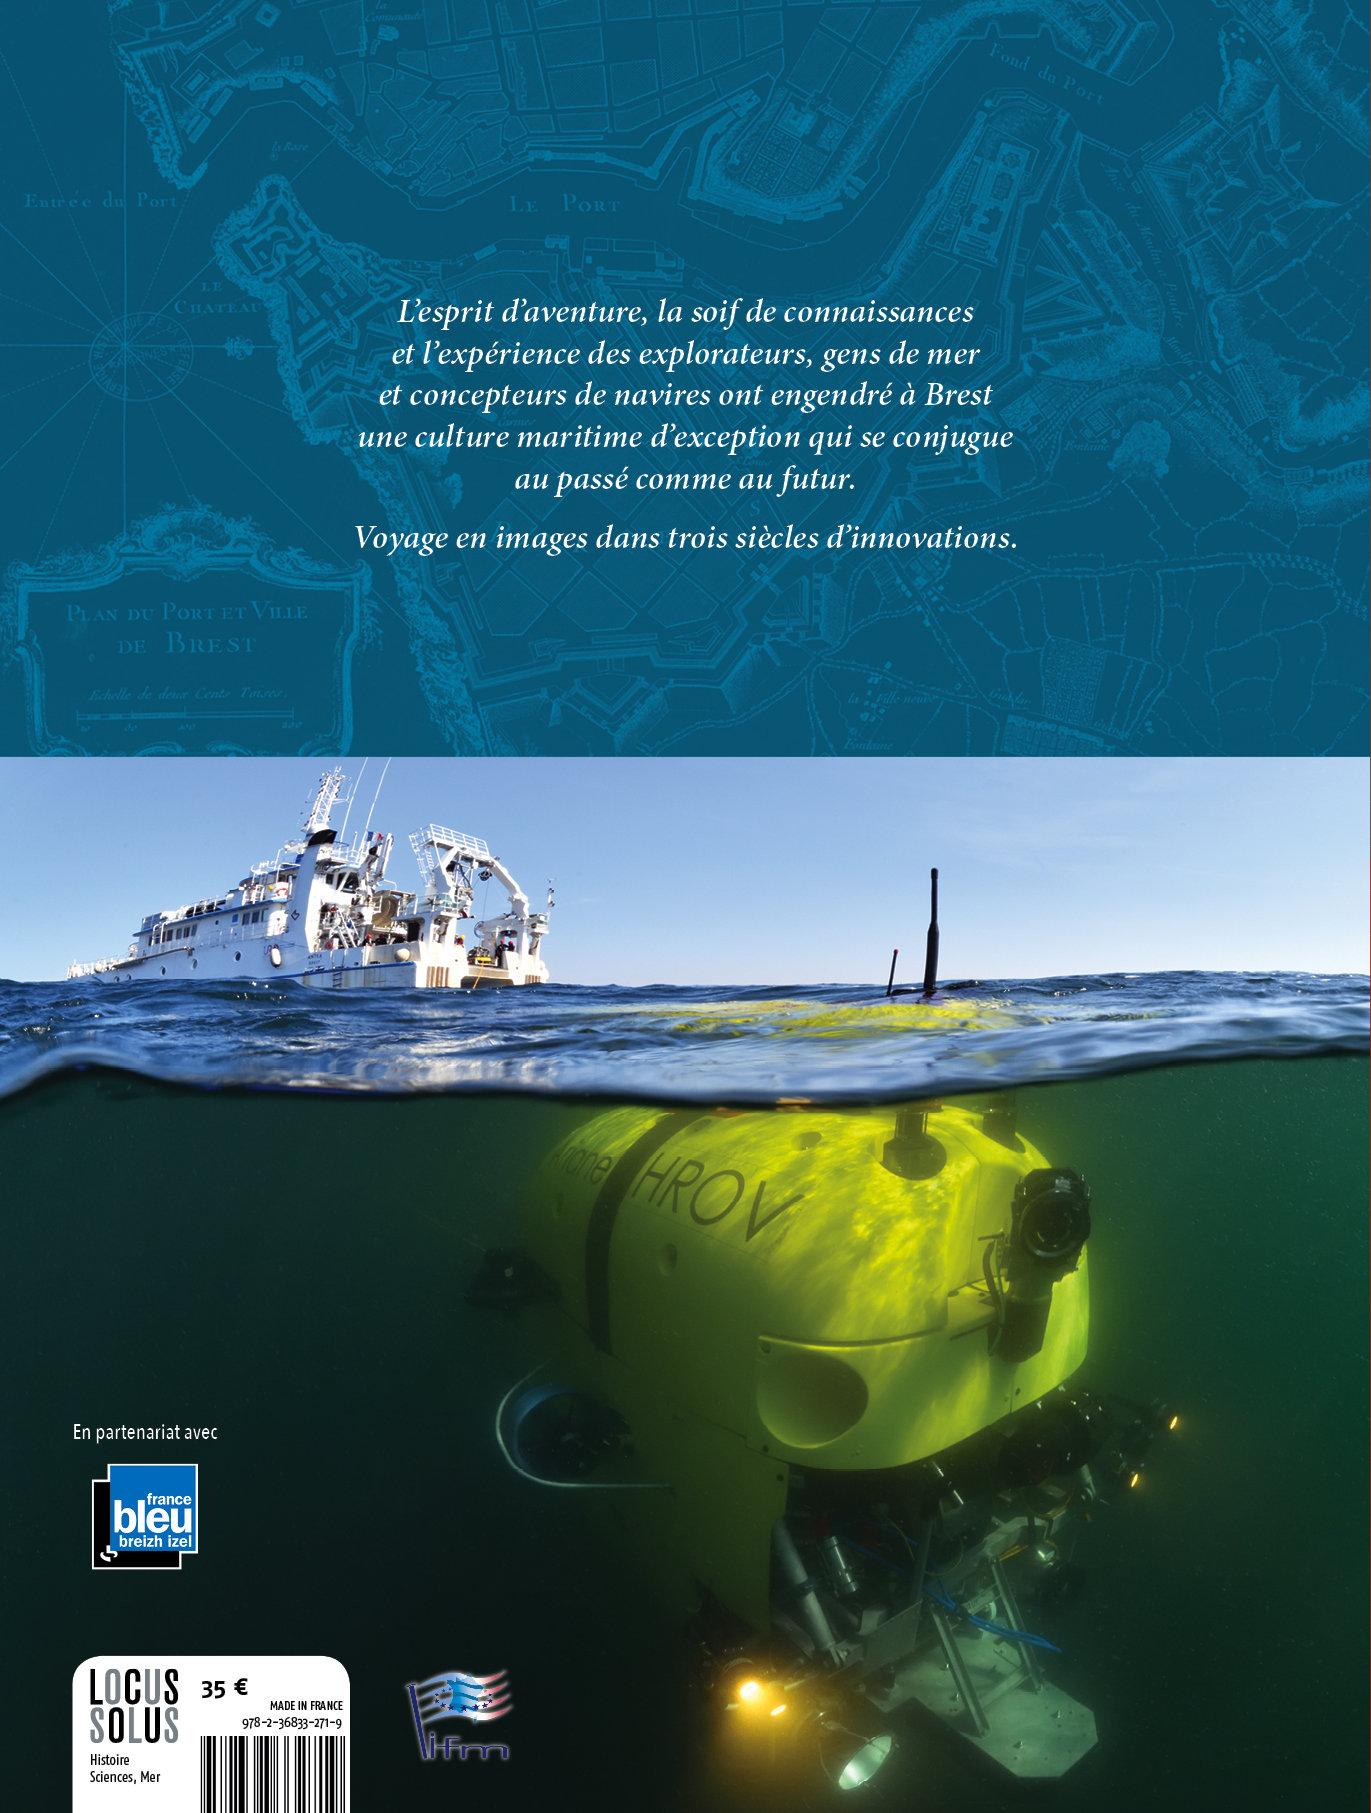 Decouvrir Le Monde Brest Port D Explorateurs Locus Solus Edition